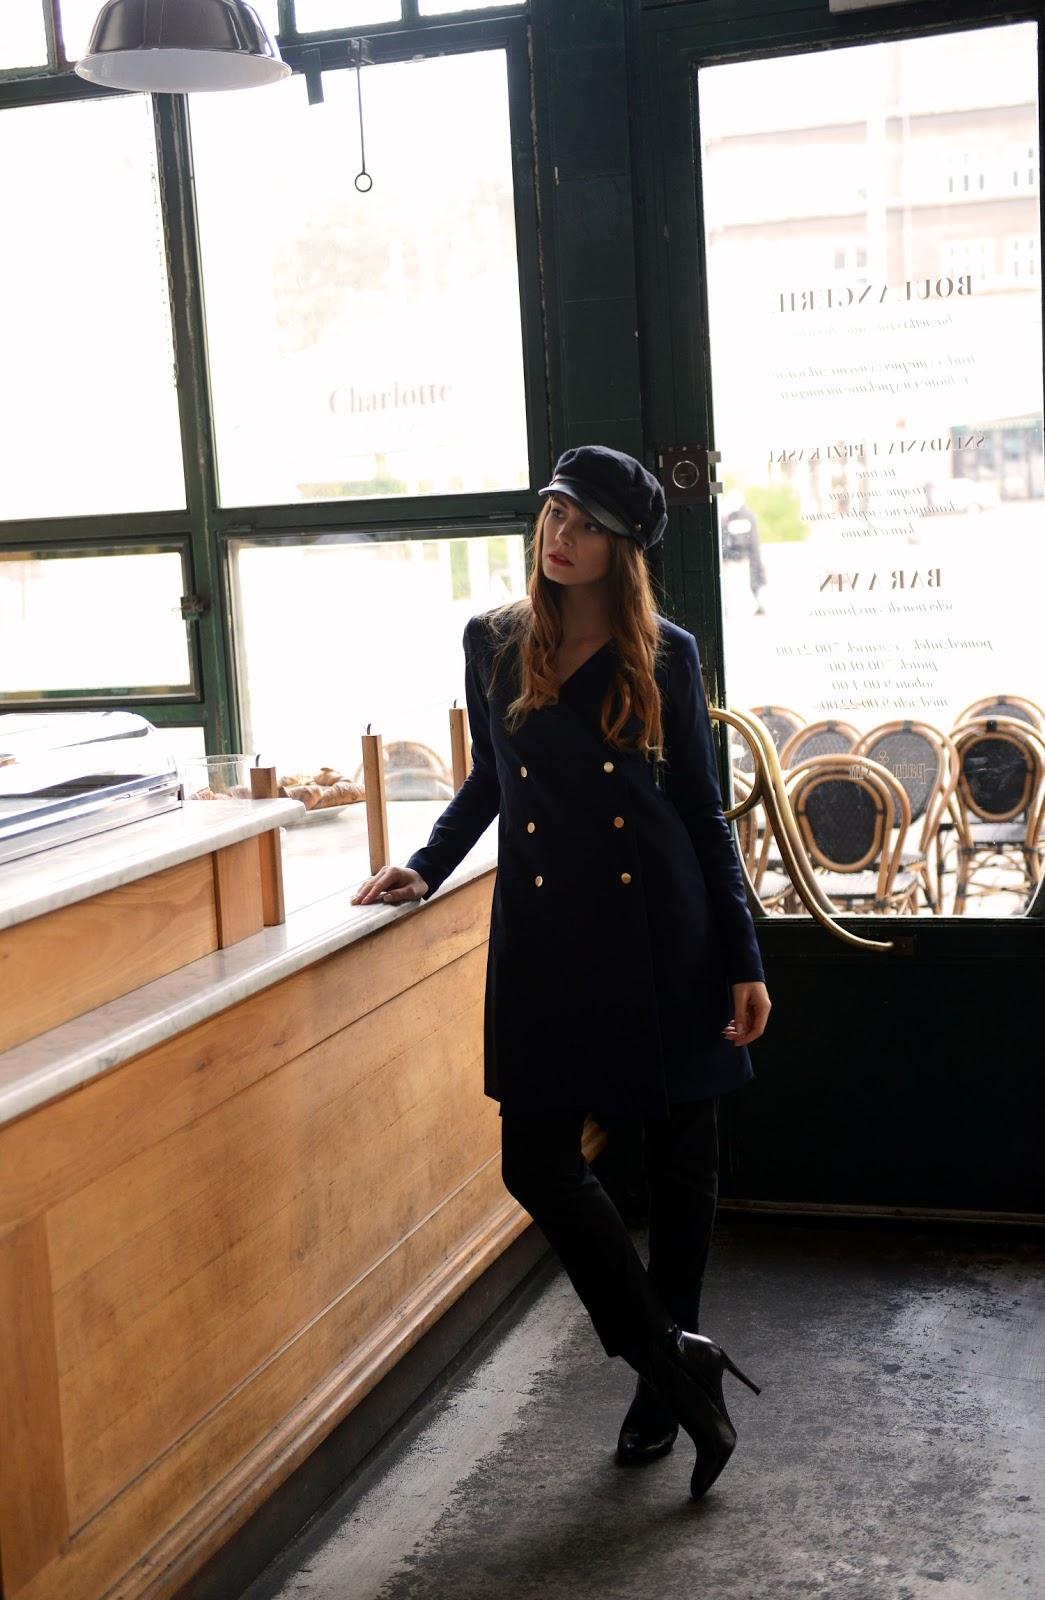 kaszkiet | sesja w kawiarni | blogi o modzie | blogerka modowa z krakowa